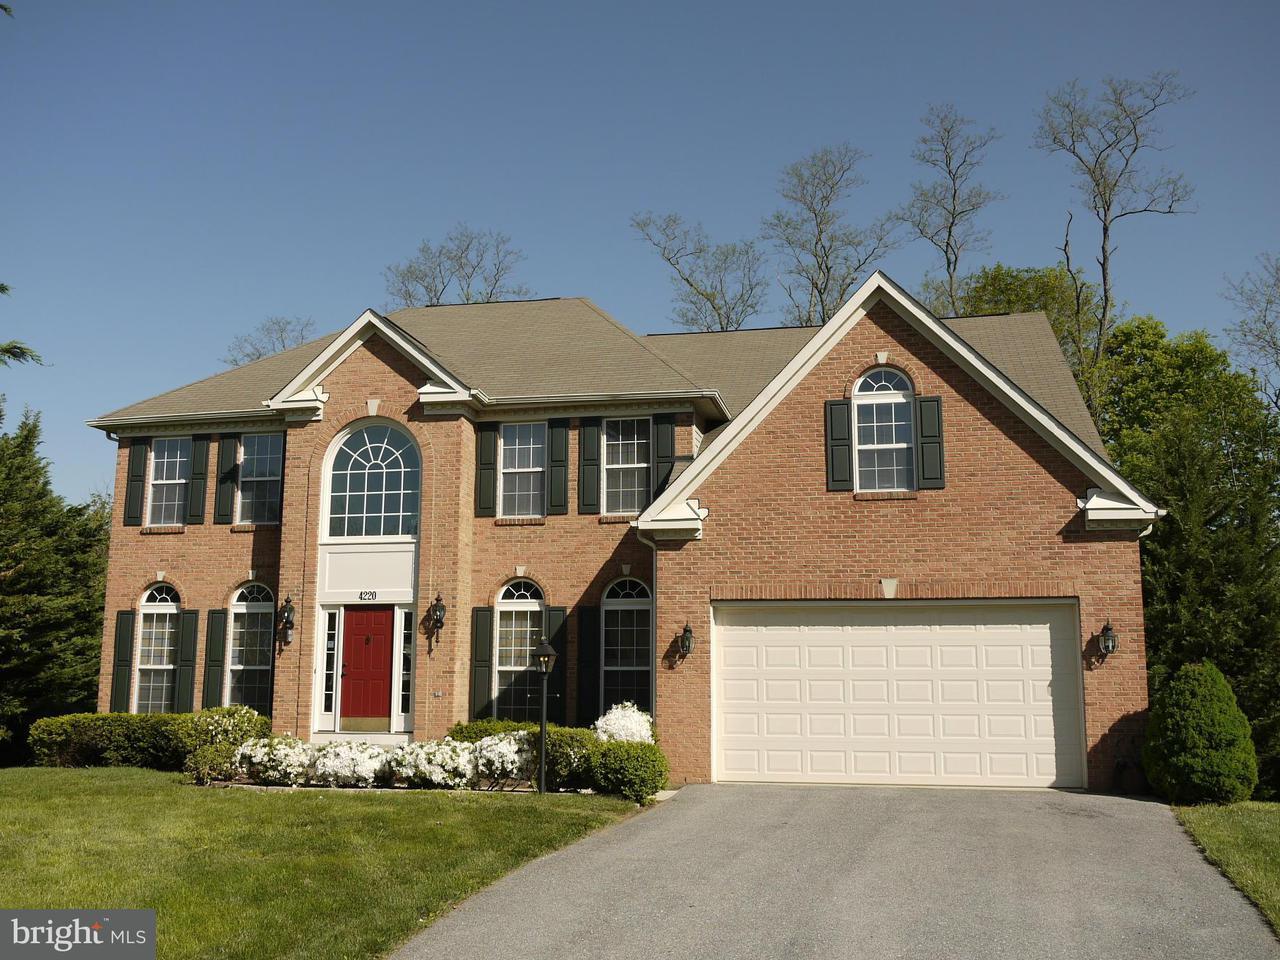 Μονοκατοικία για την Πώληση στο 4220 WALLINGFORD Court 4220 WALLINGFORD Court Jefferson, Μεριλαντ 21755 Ηνωμενεσ Πολιτειεσ